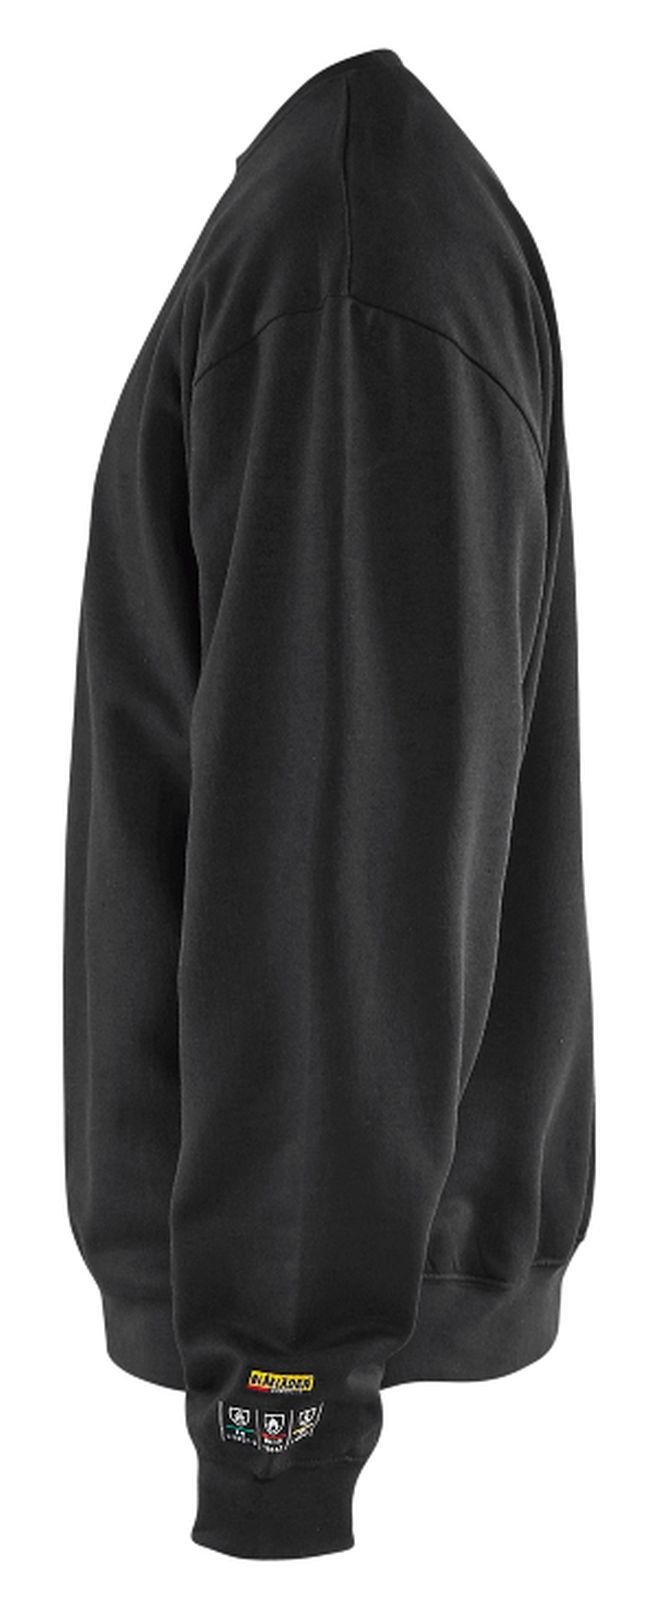 Blaklader Truien 30741760 Multinorm zwart(9900)